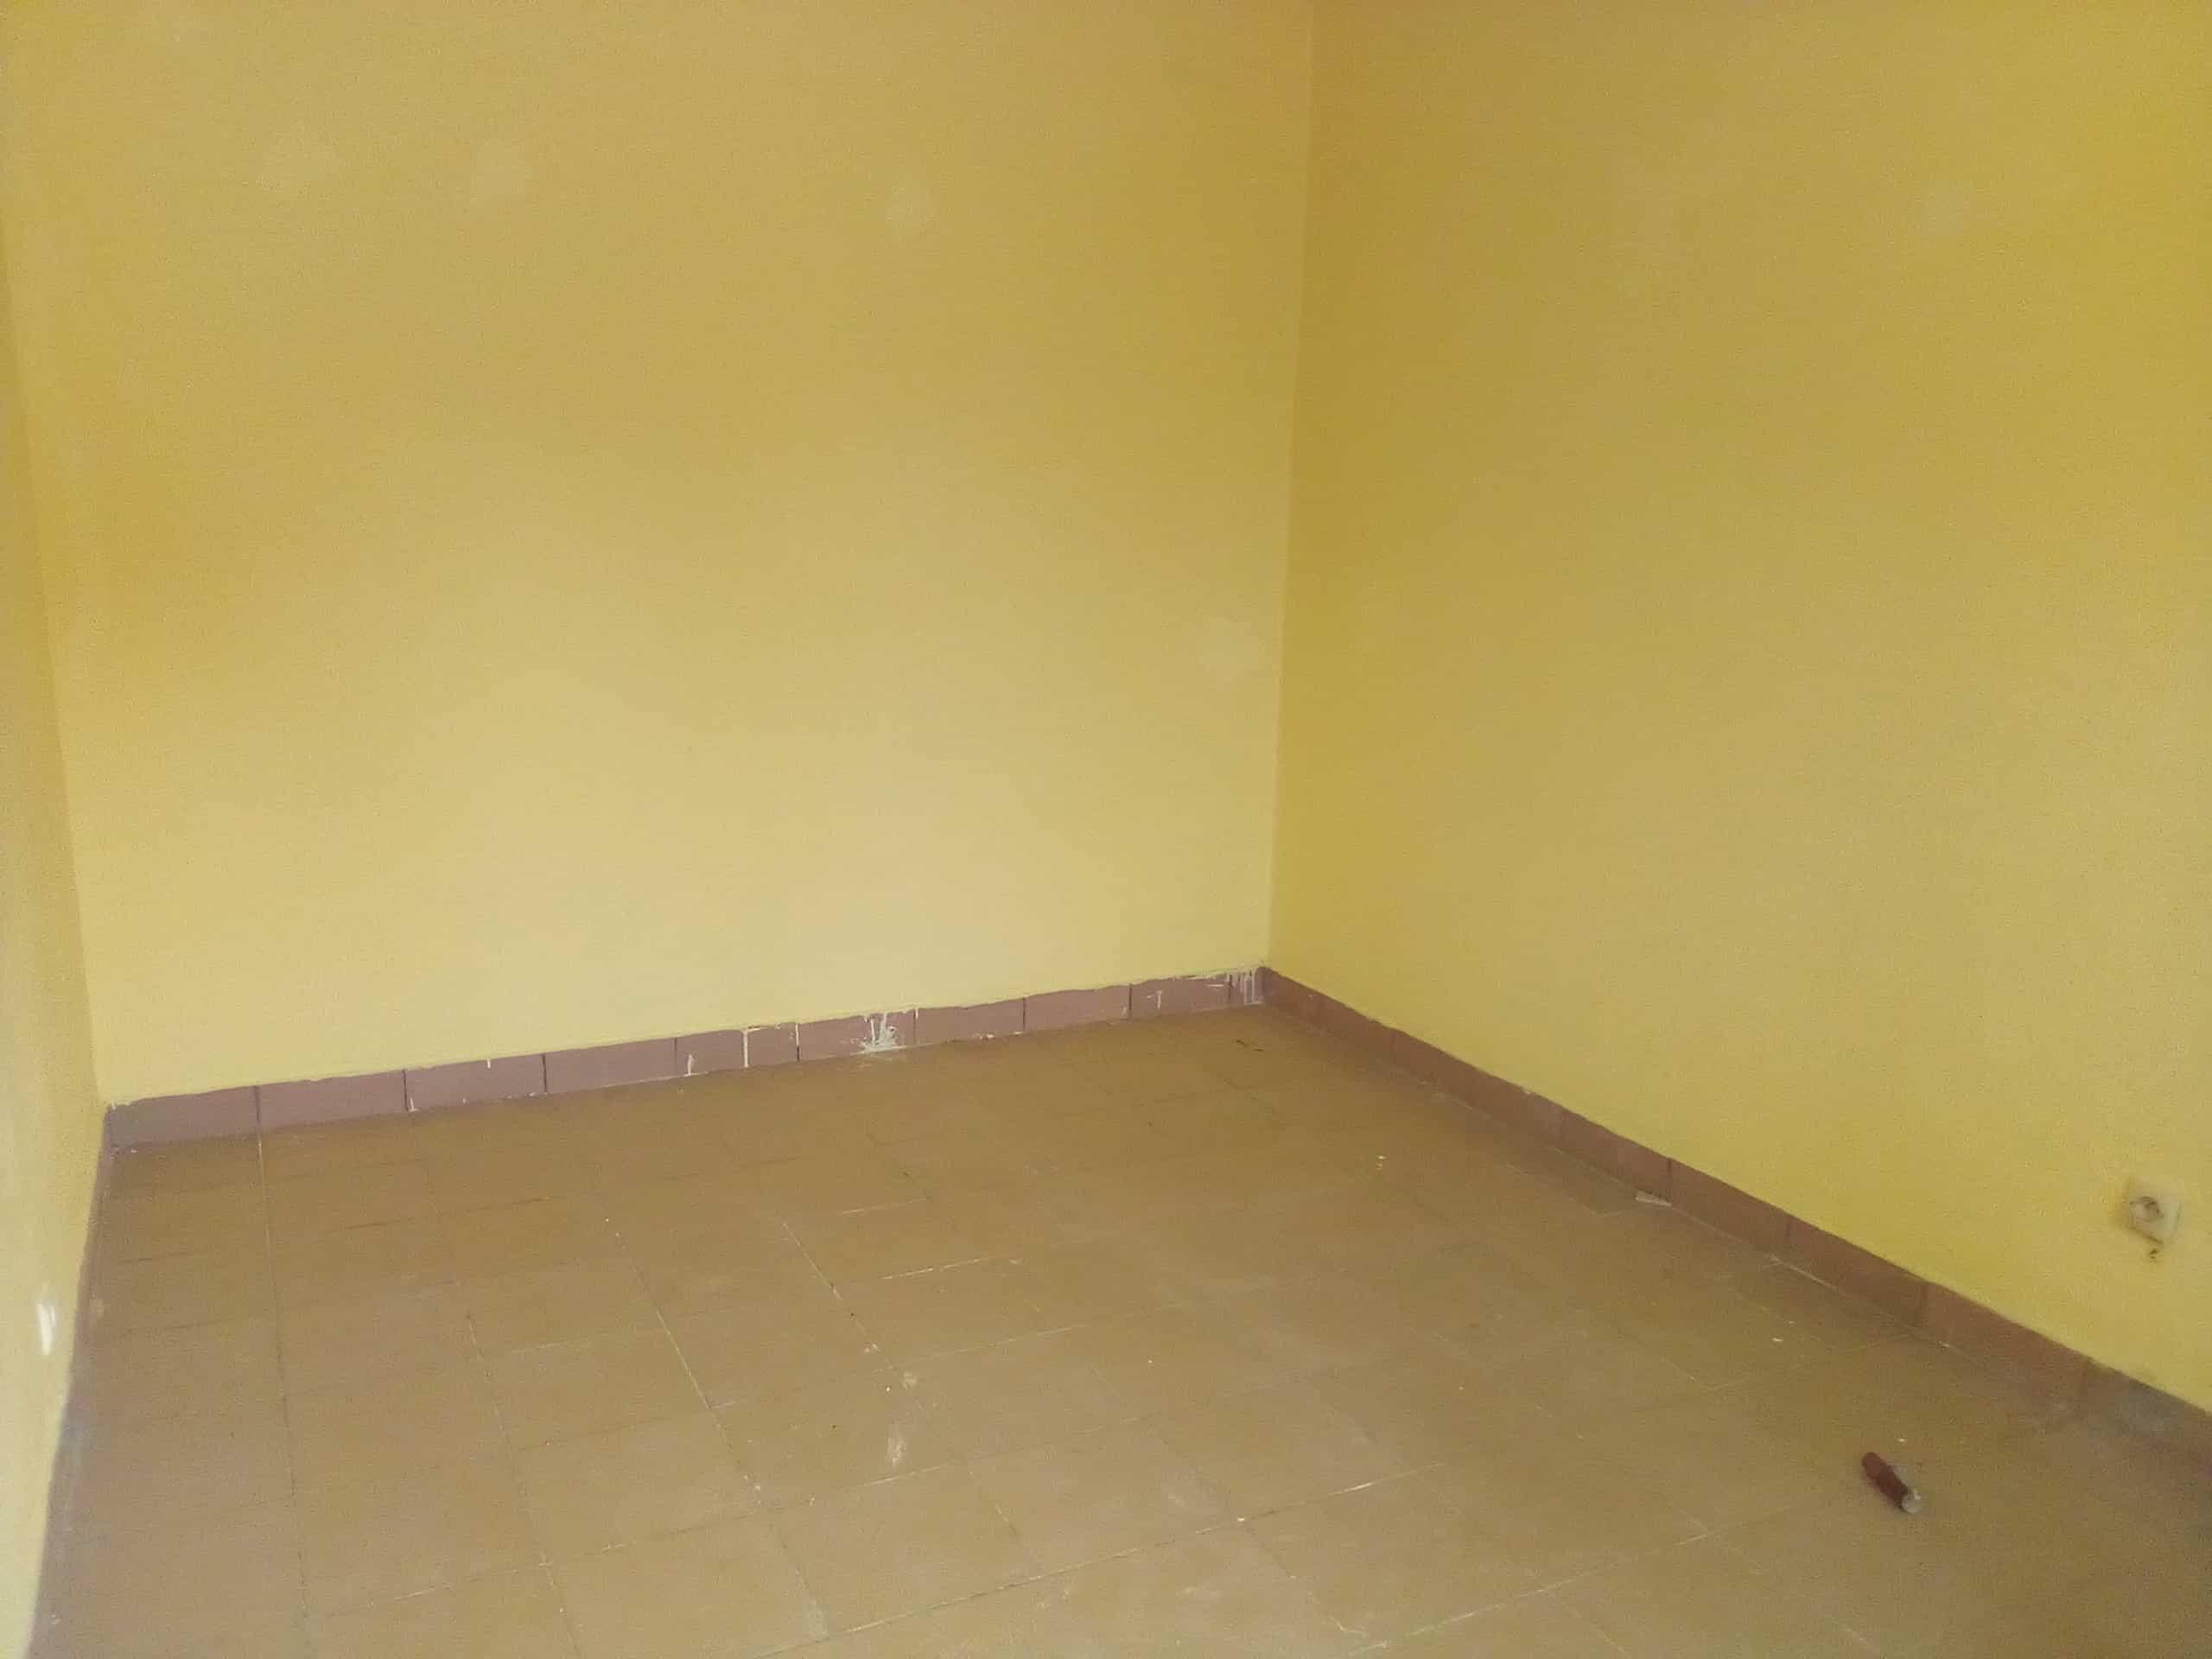 Appartement à louer - Douala, Kotto, fin goudron - 1 salon(s), 1 chambre(s), 1 salle(s) de bains - 45 000 FCFA / mois